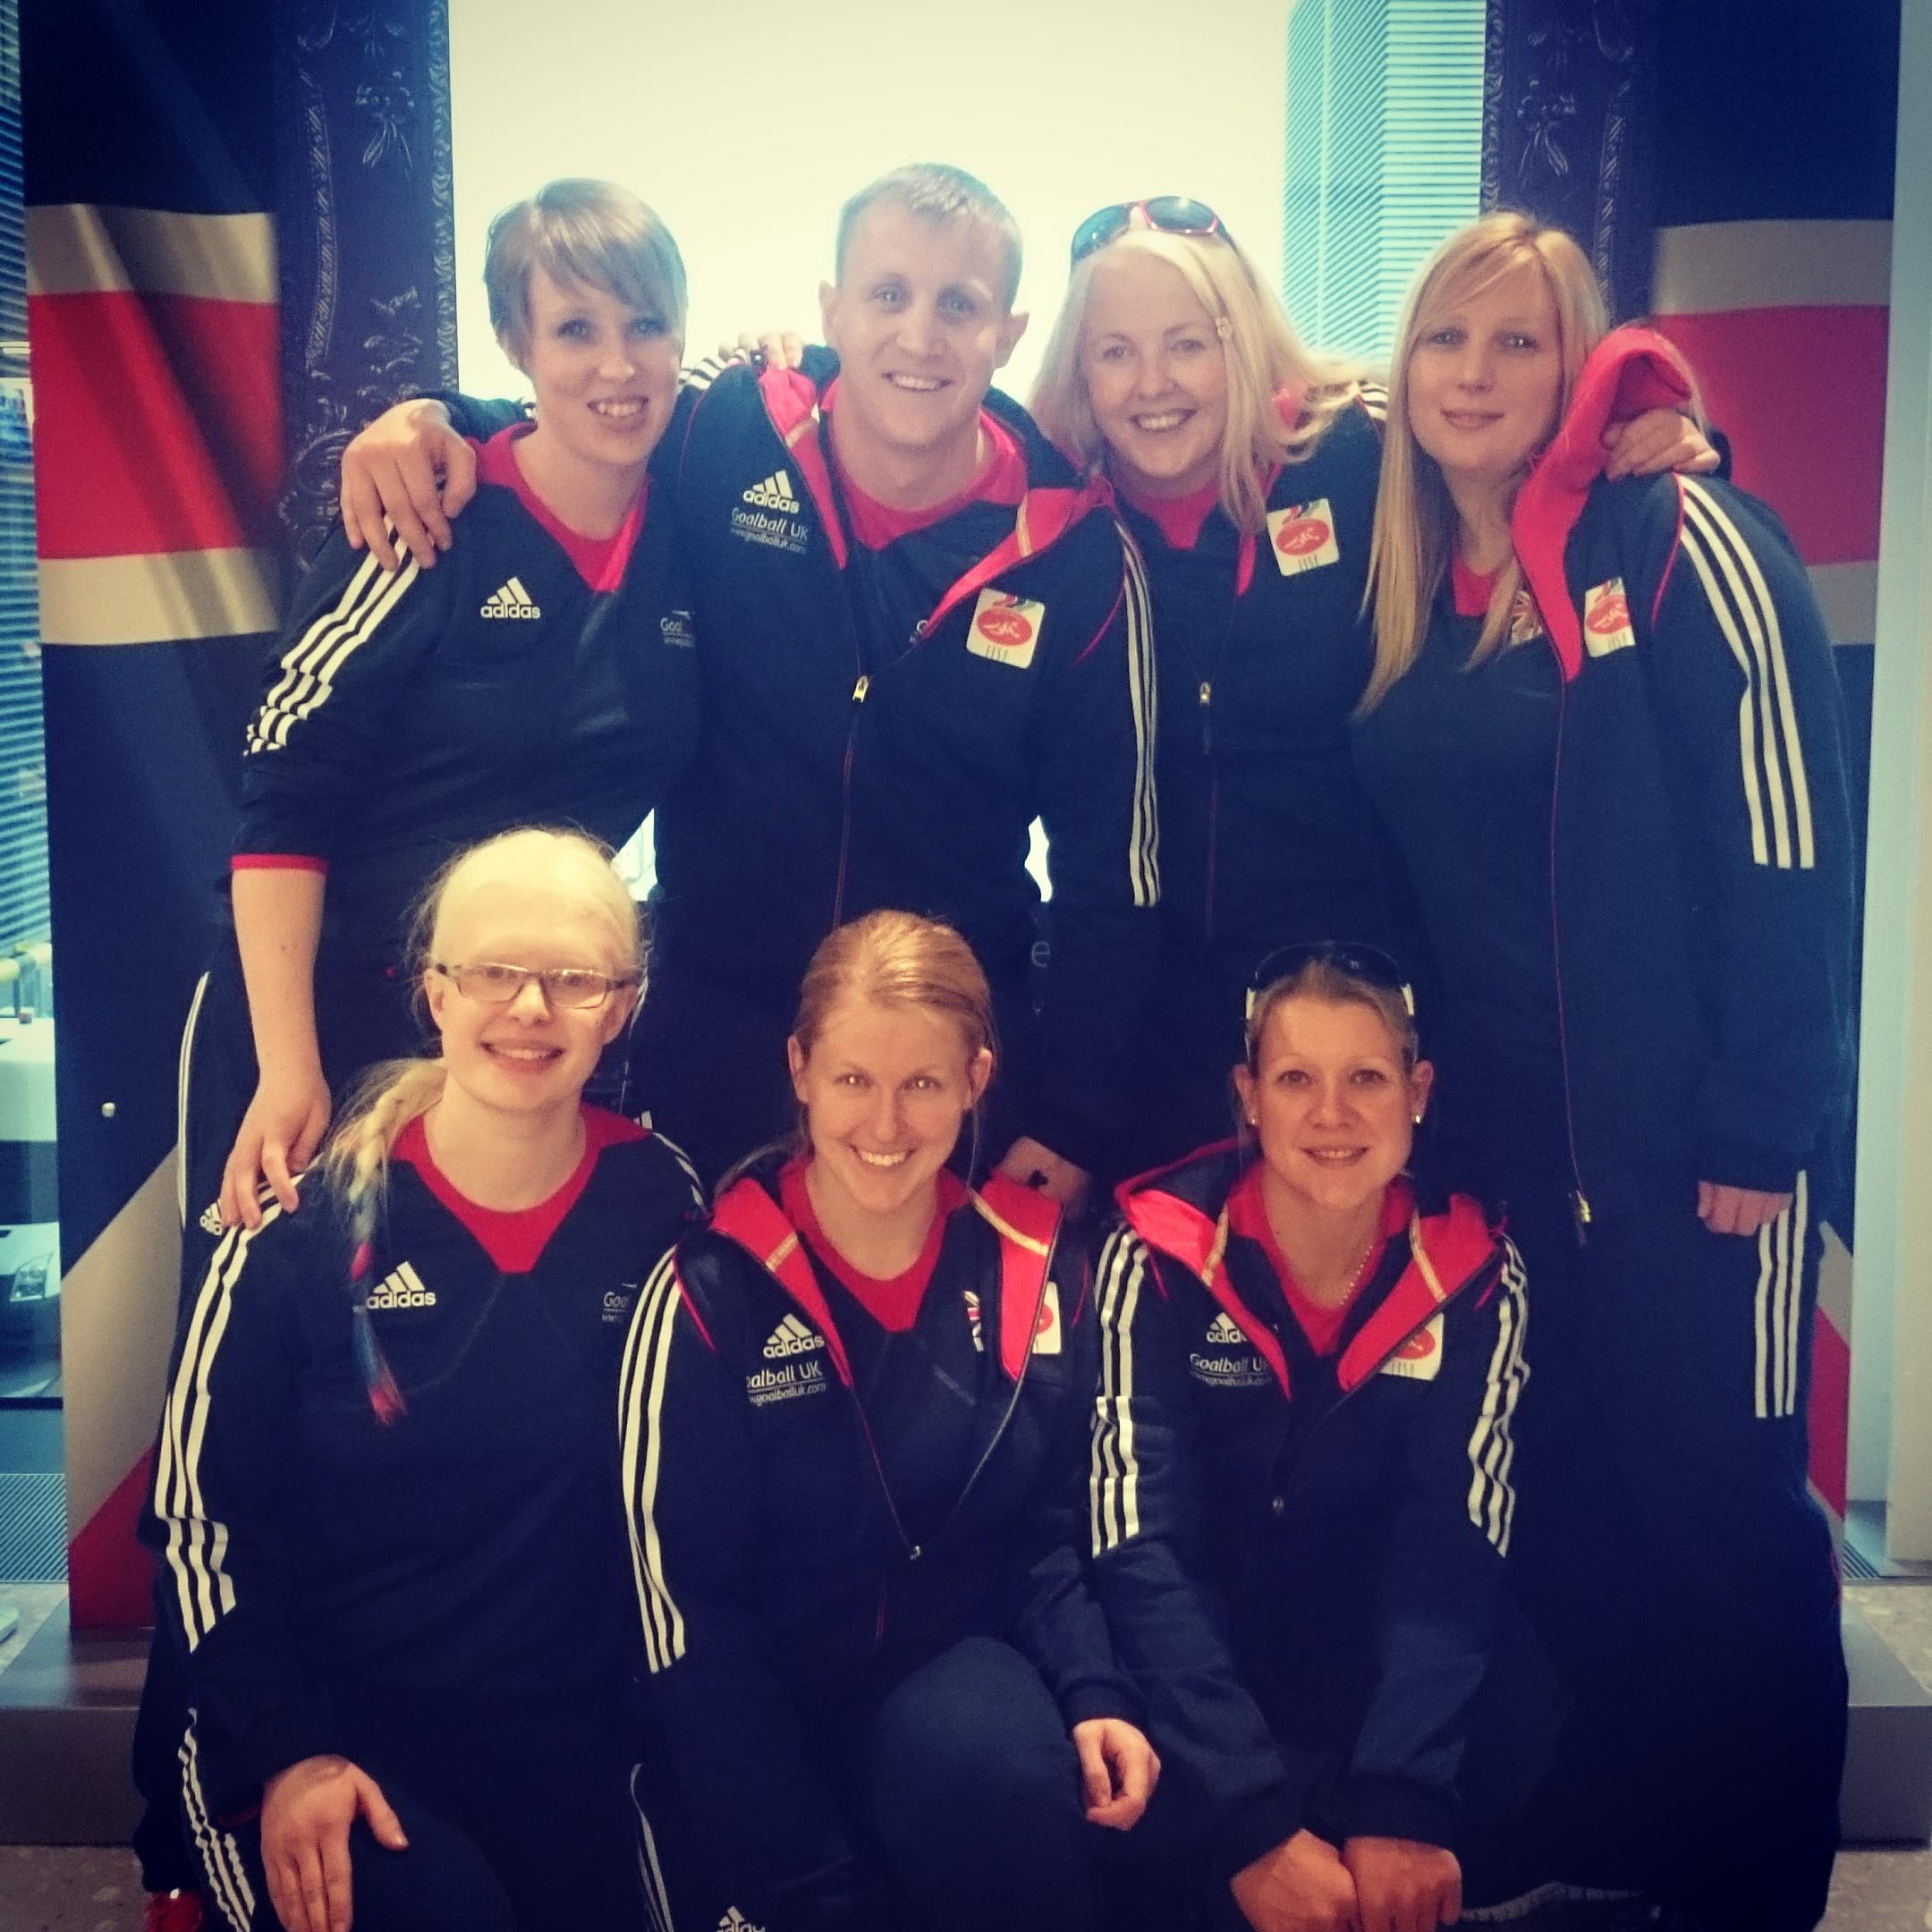 Women's GB Goalball team one step closer to Rio 2016